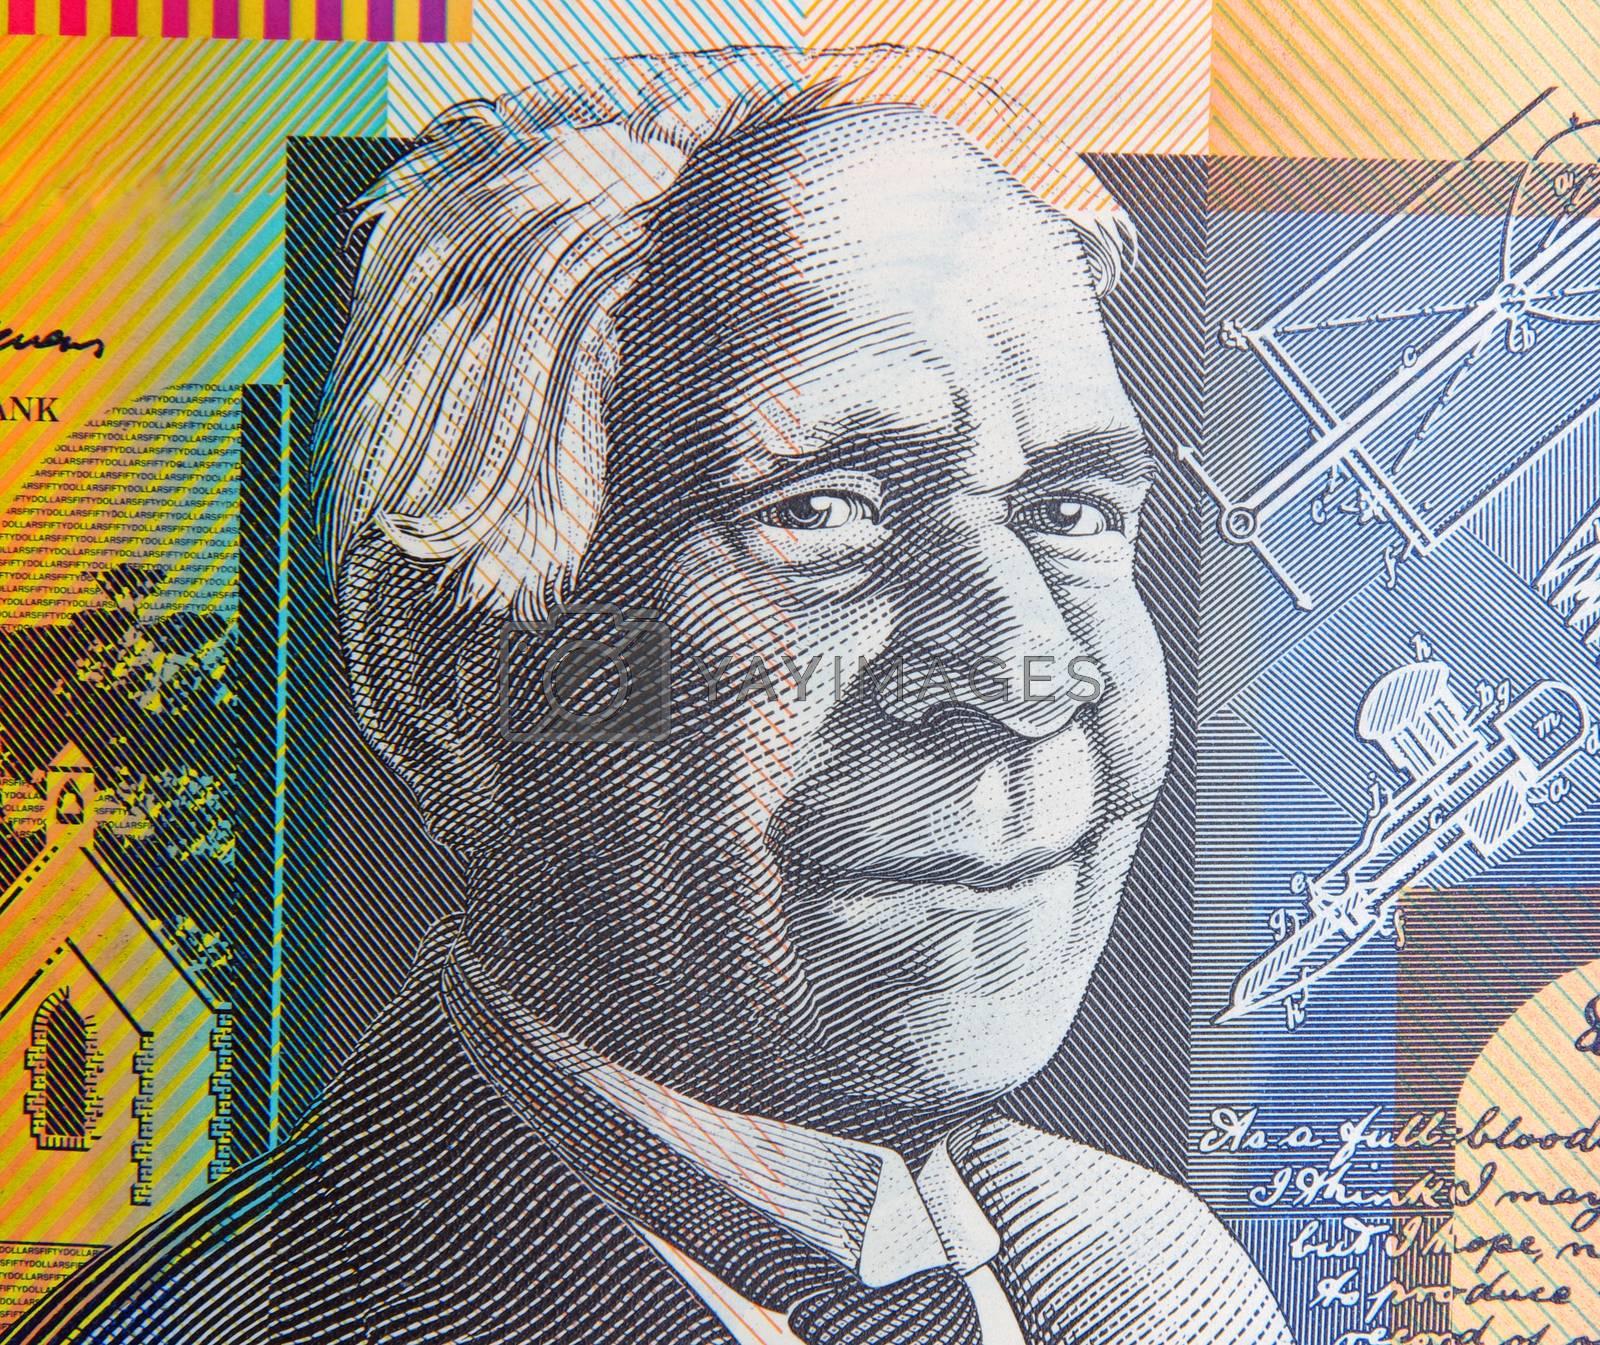 australian fifty dollars note portrait